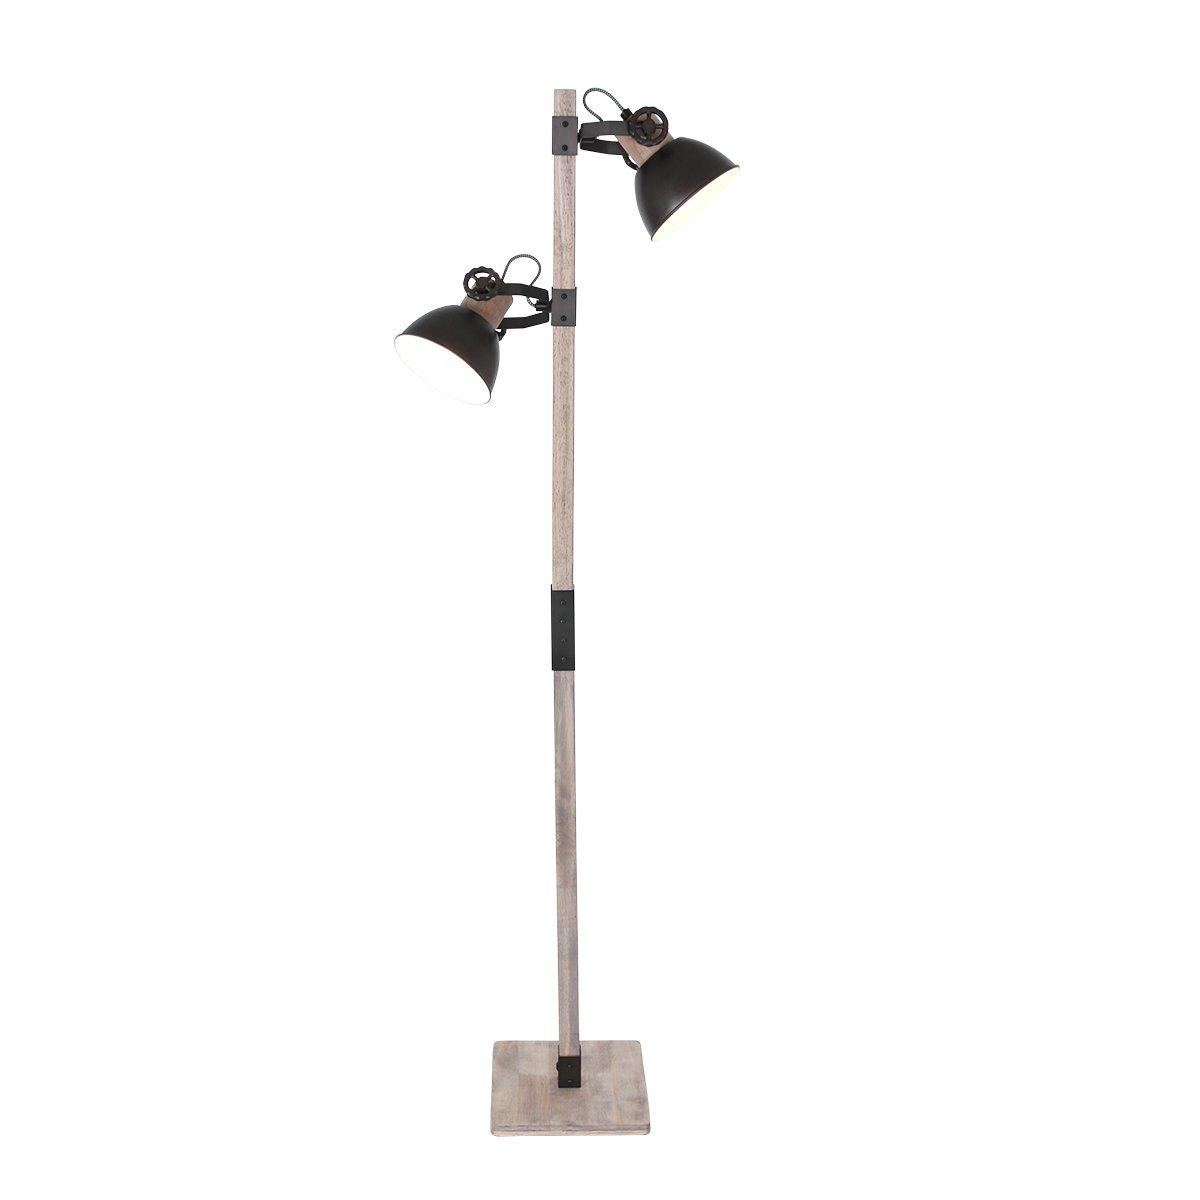 Vloerlamp Steinhauer Gearwood Antraciet